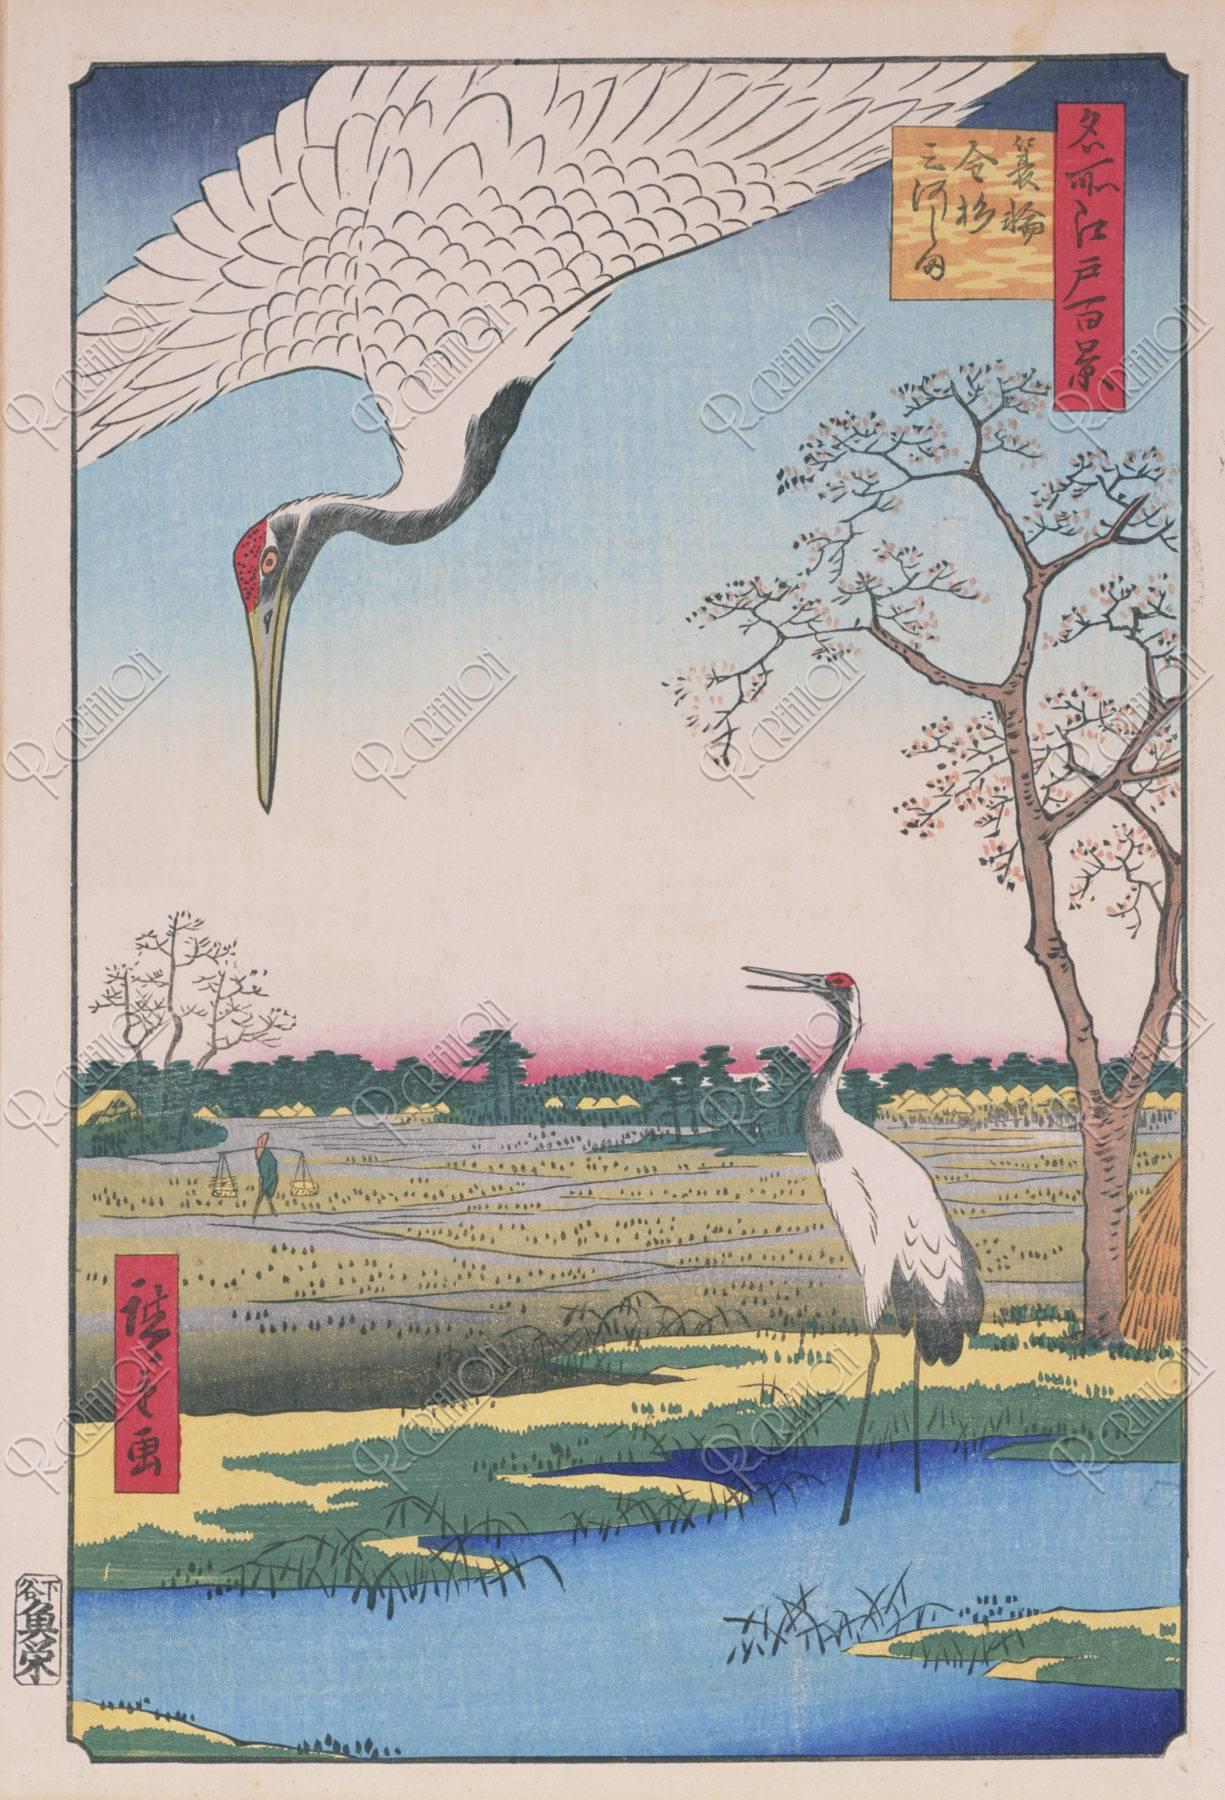 江戸百景 蓑輪金杉三河島